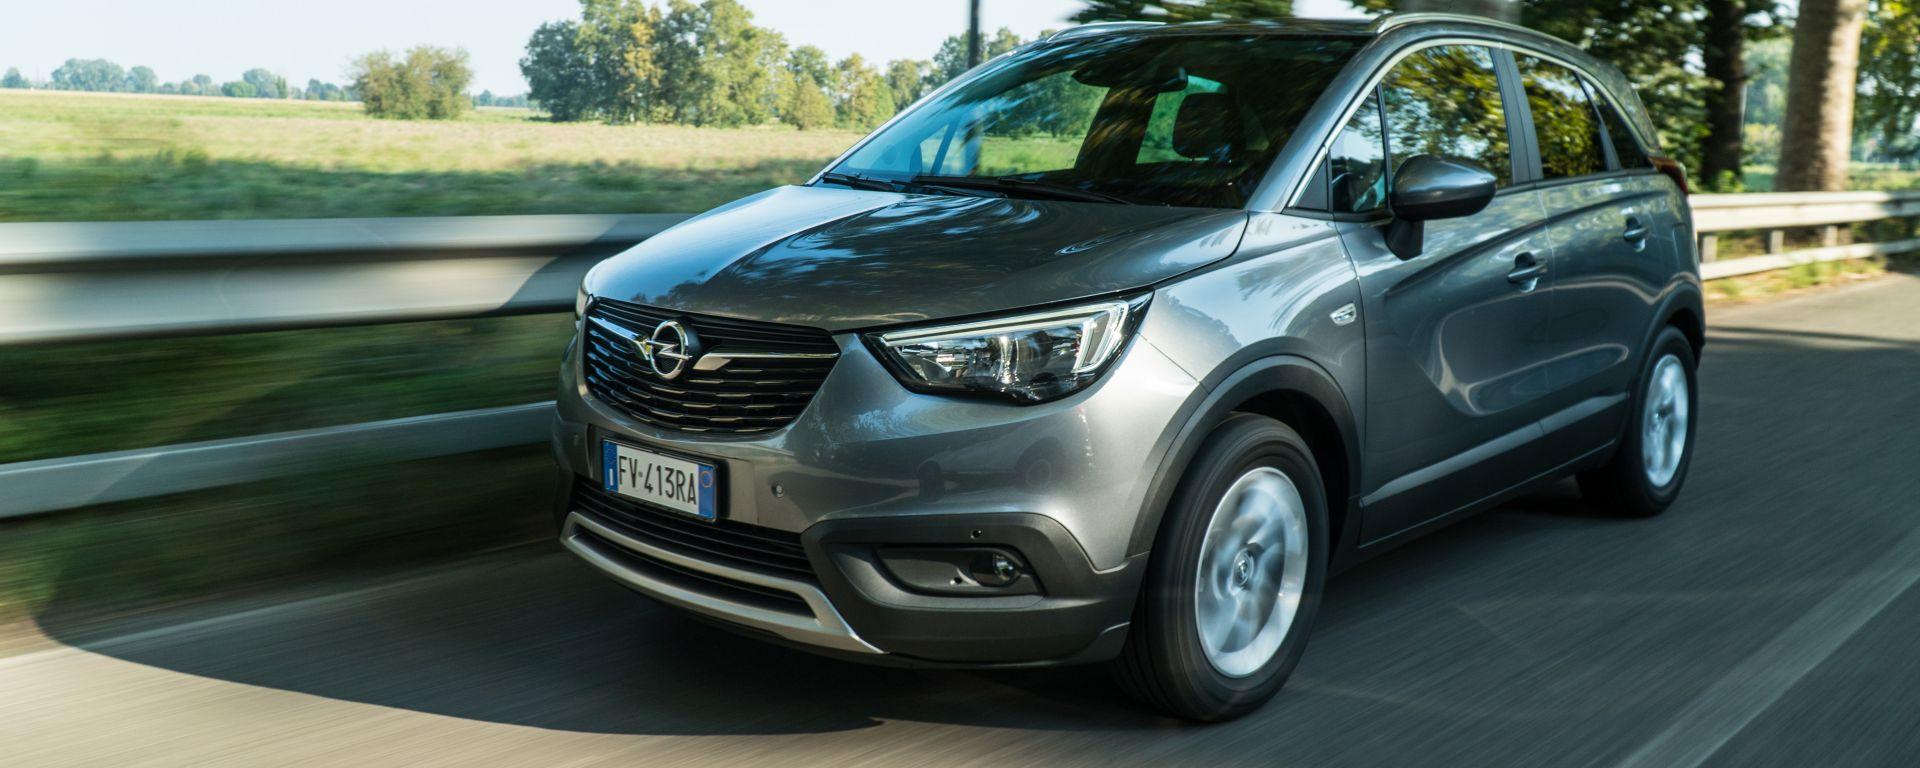 Opel Crossland X: spazio e praticità alla massima potenza